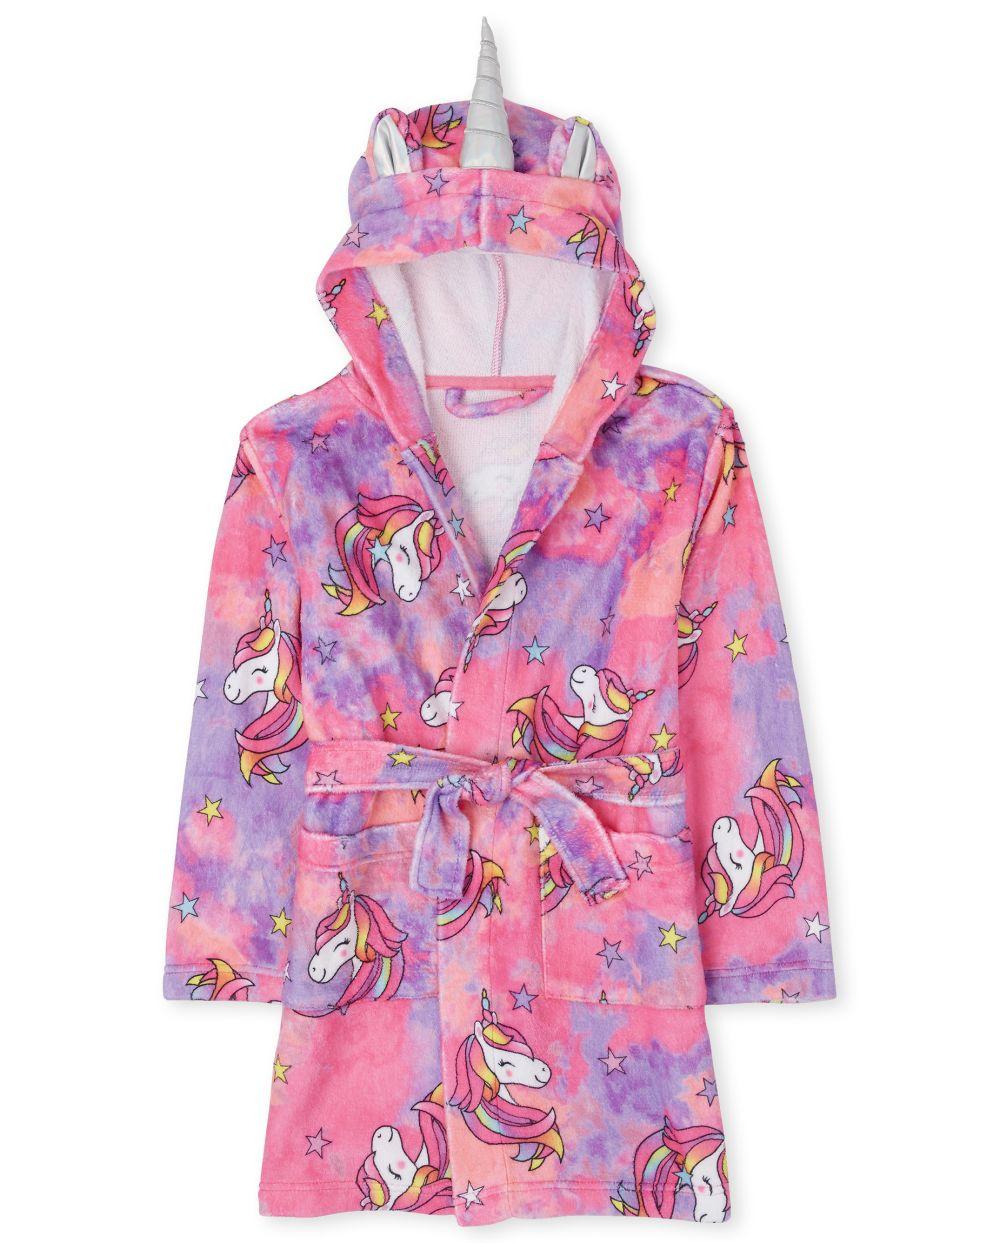 Girls Mommy And Me Unicorn Tie Dye Fleece Matching Robe